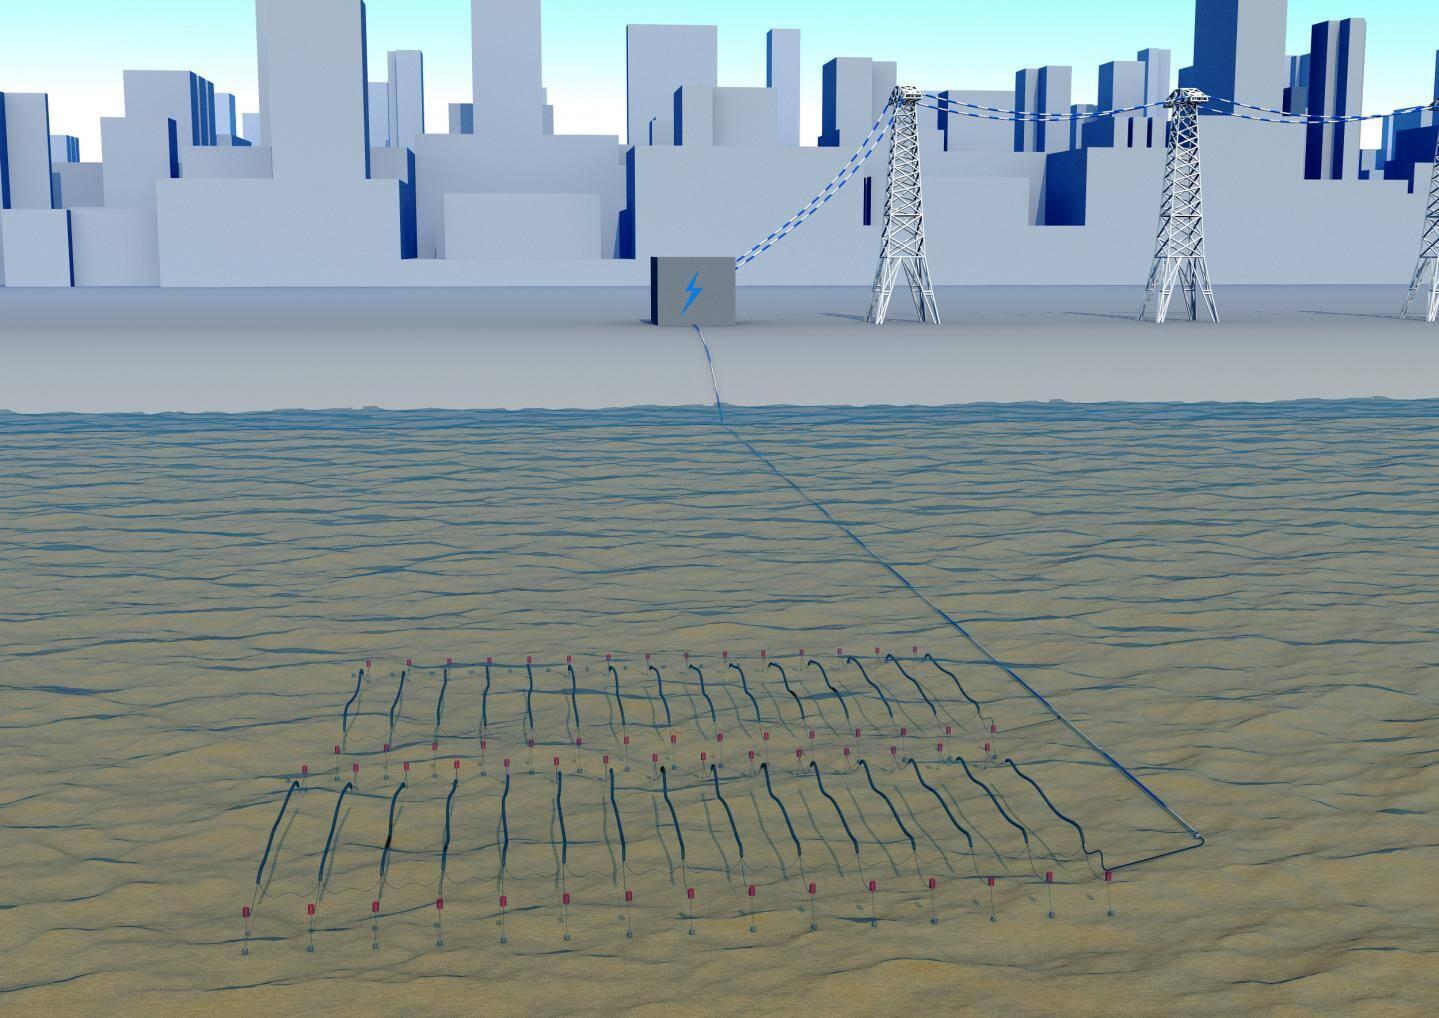 L'électricité sera directement acheminée vers la terre par des câbles électriques isolés, enfouis ou non.